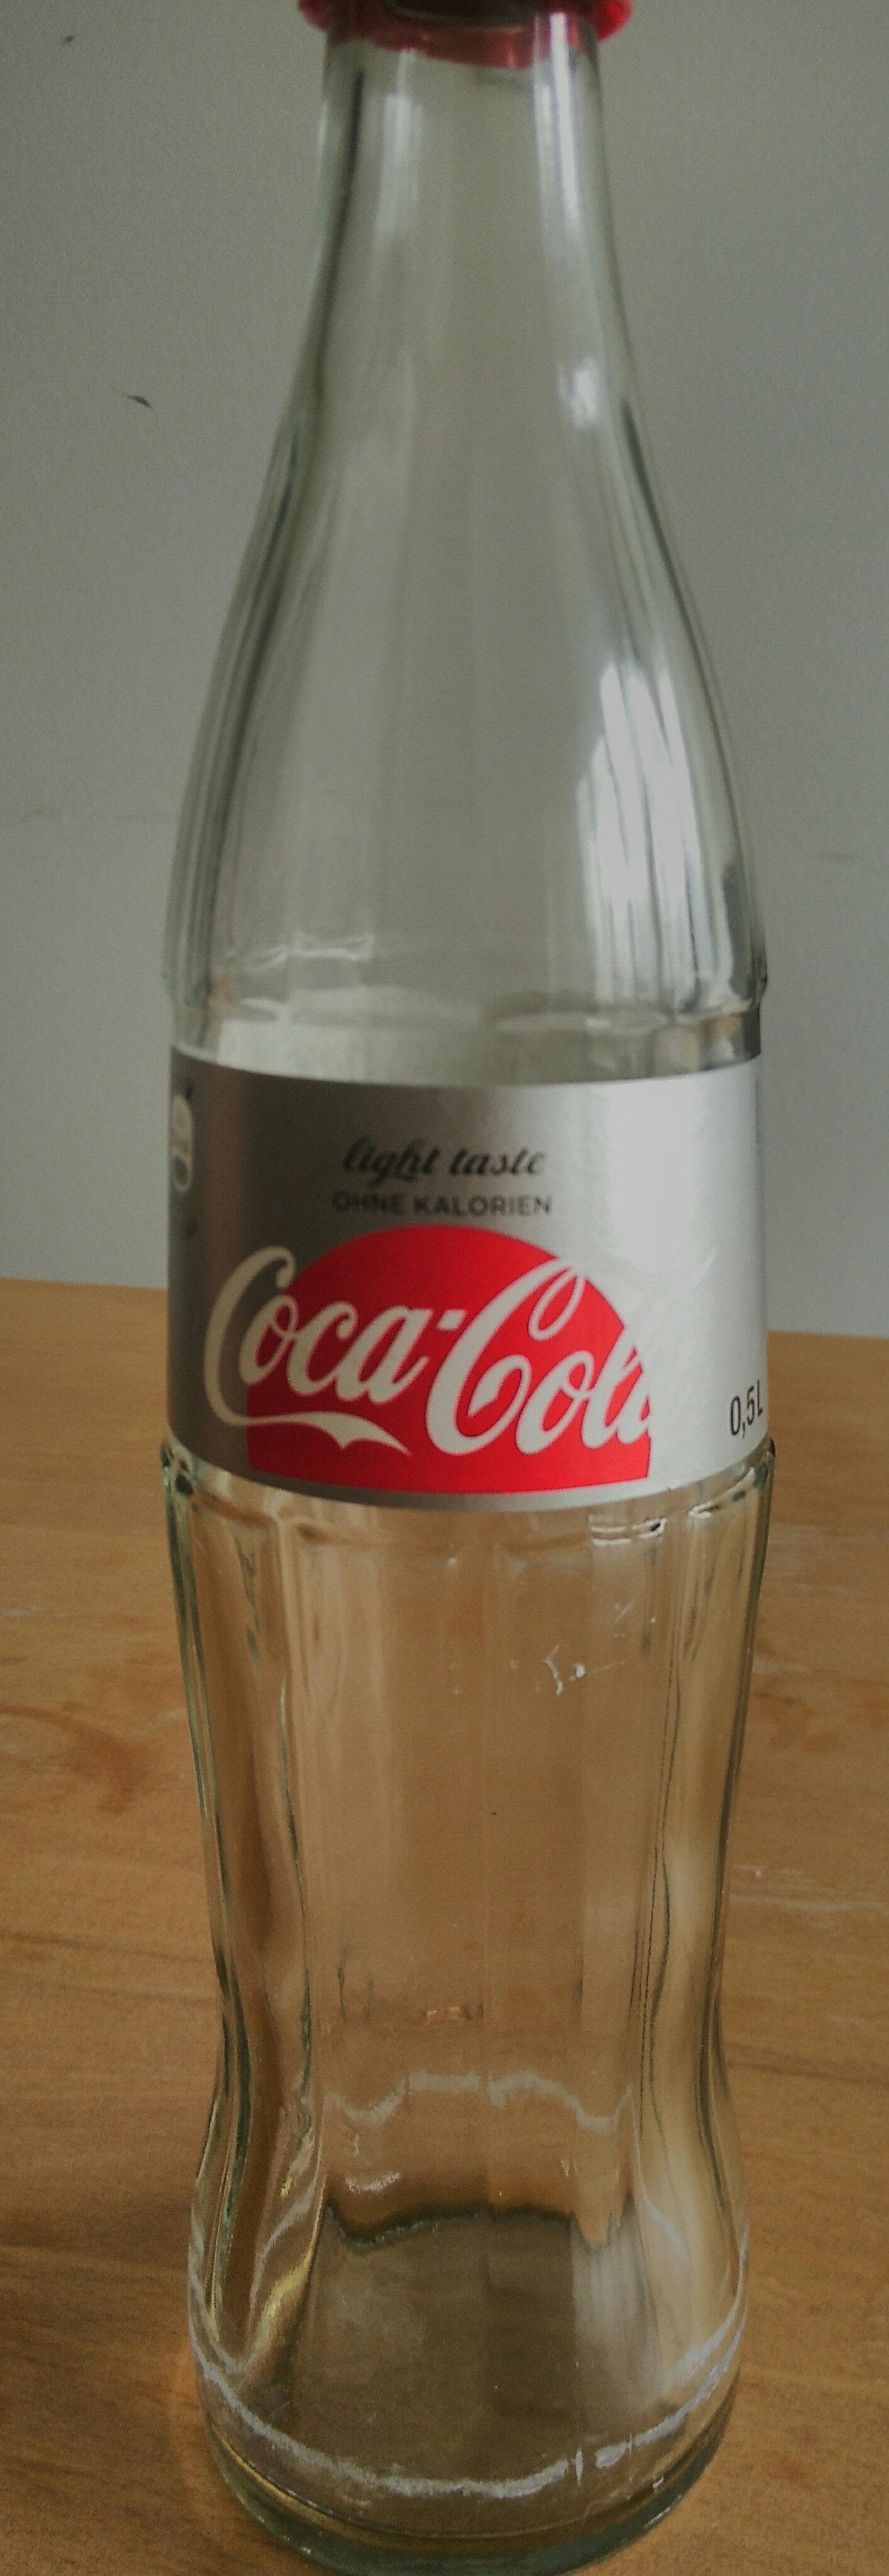 Coca Cola Light Taste - Product